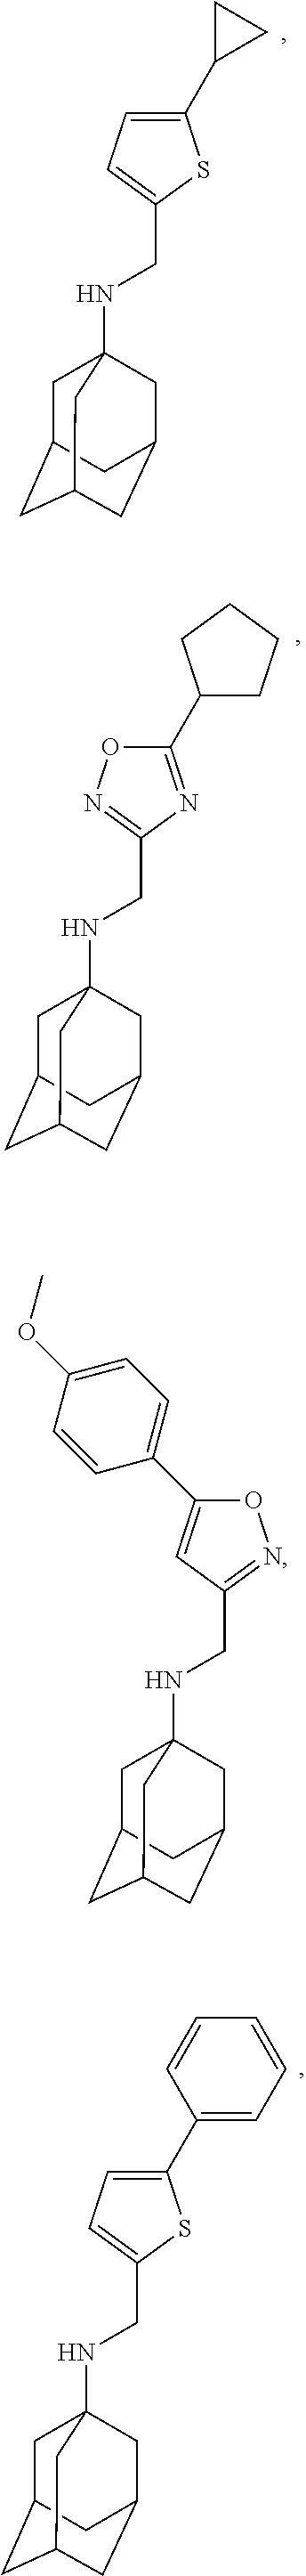 Figure US09884832-20180206-C00050